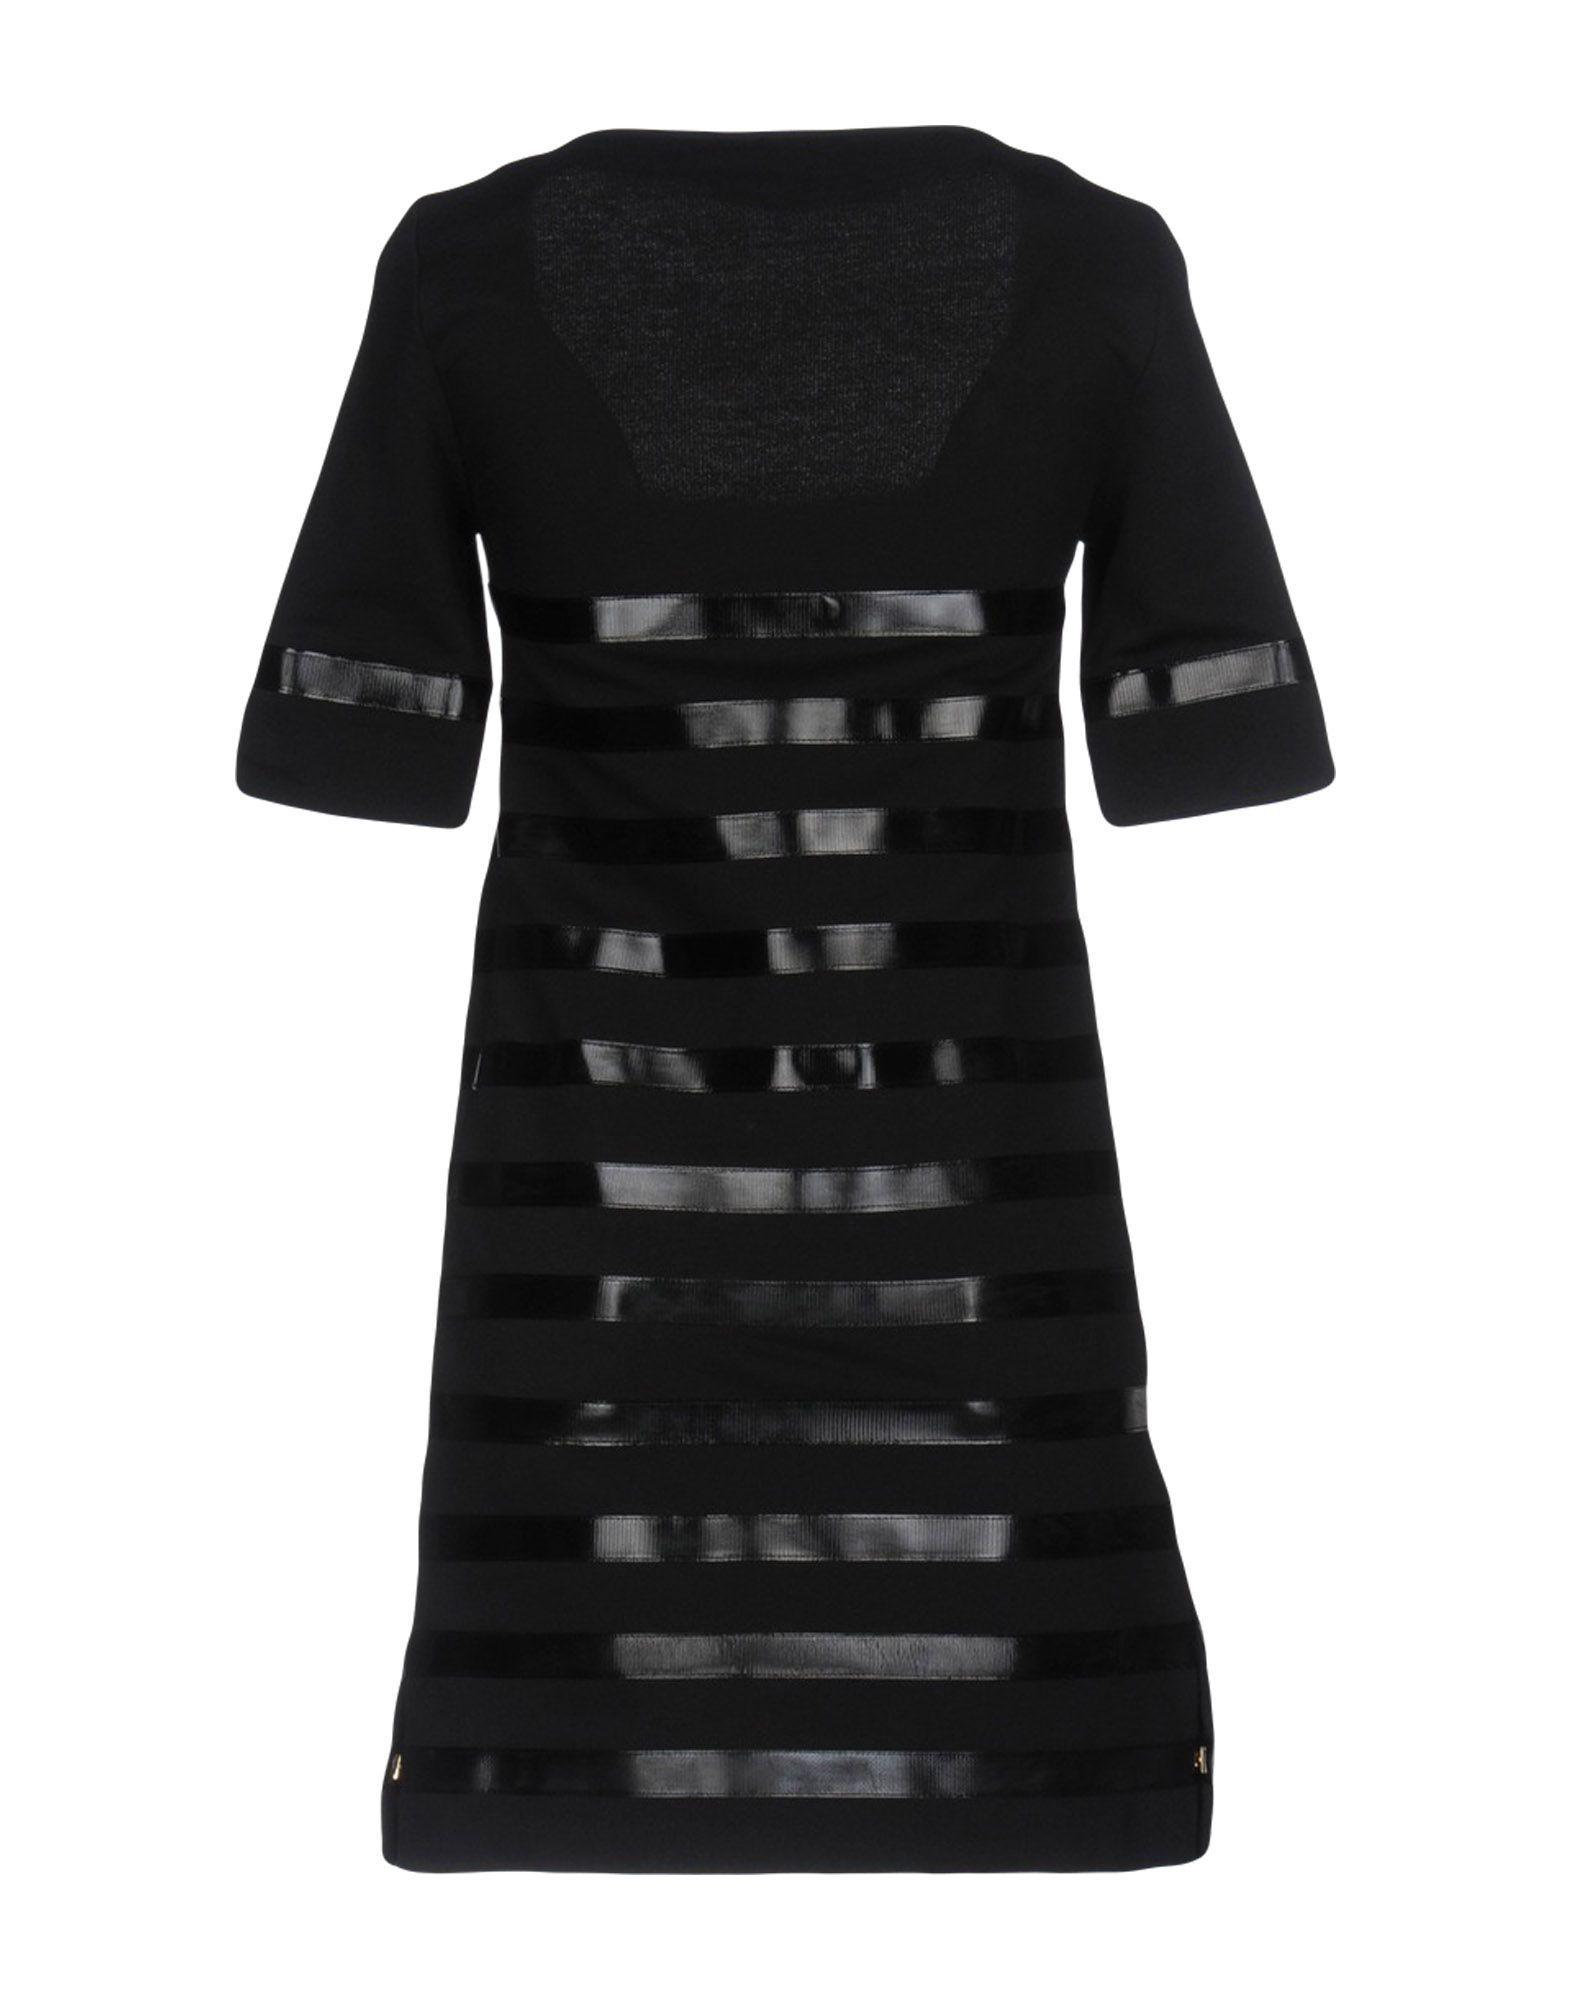 Elisabetta Franchi Jeans Black Cotton Dress